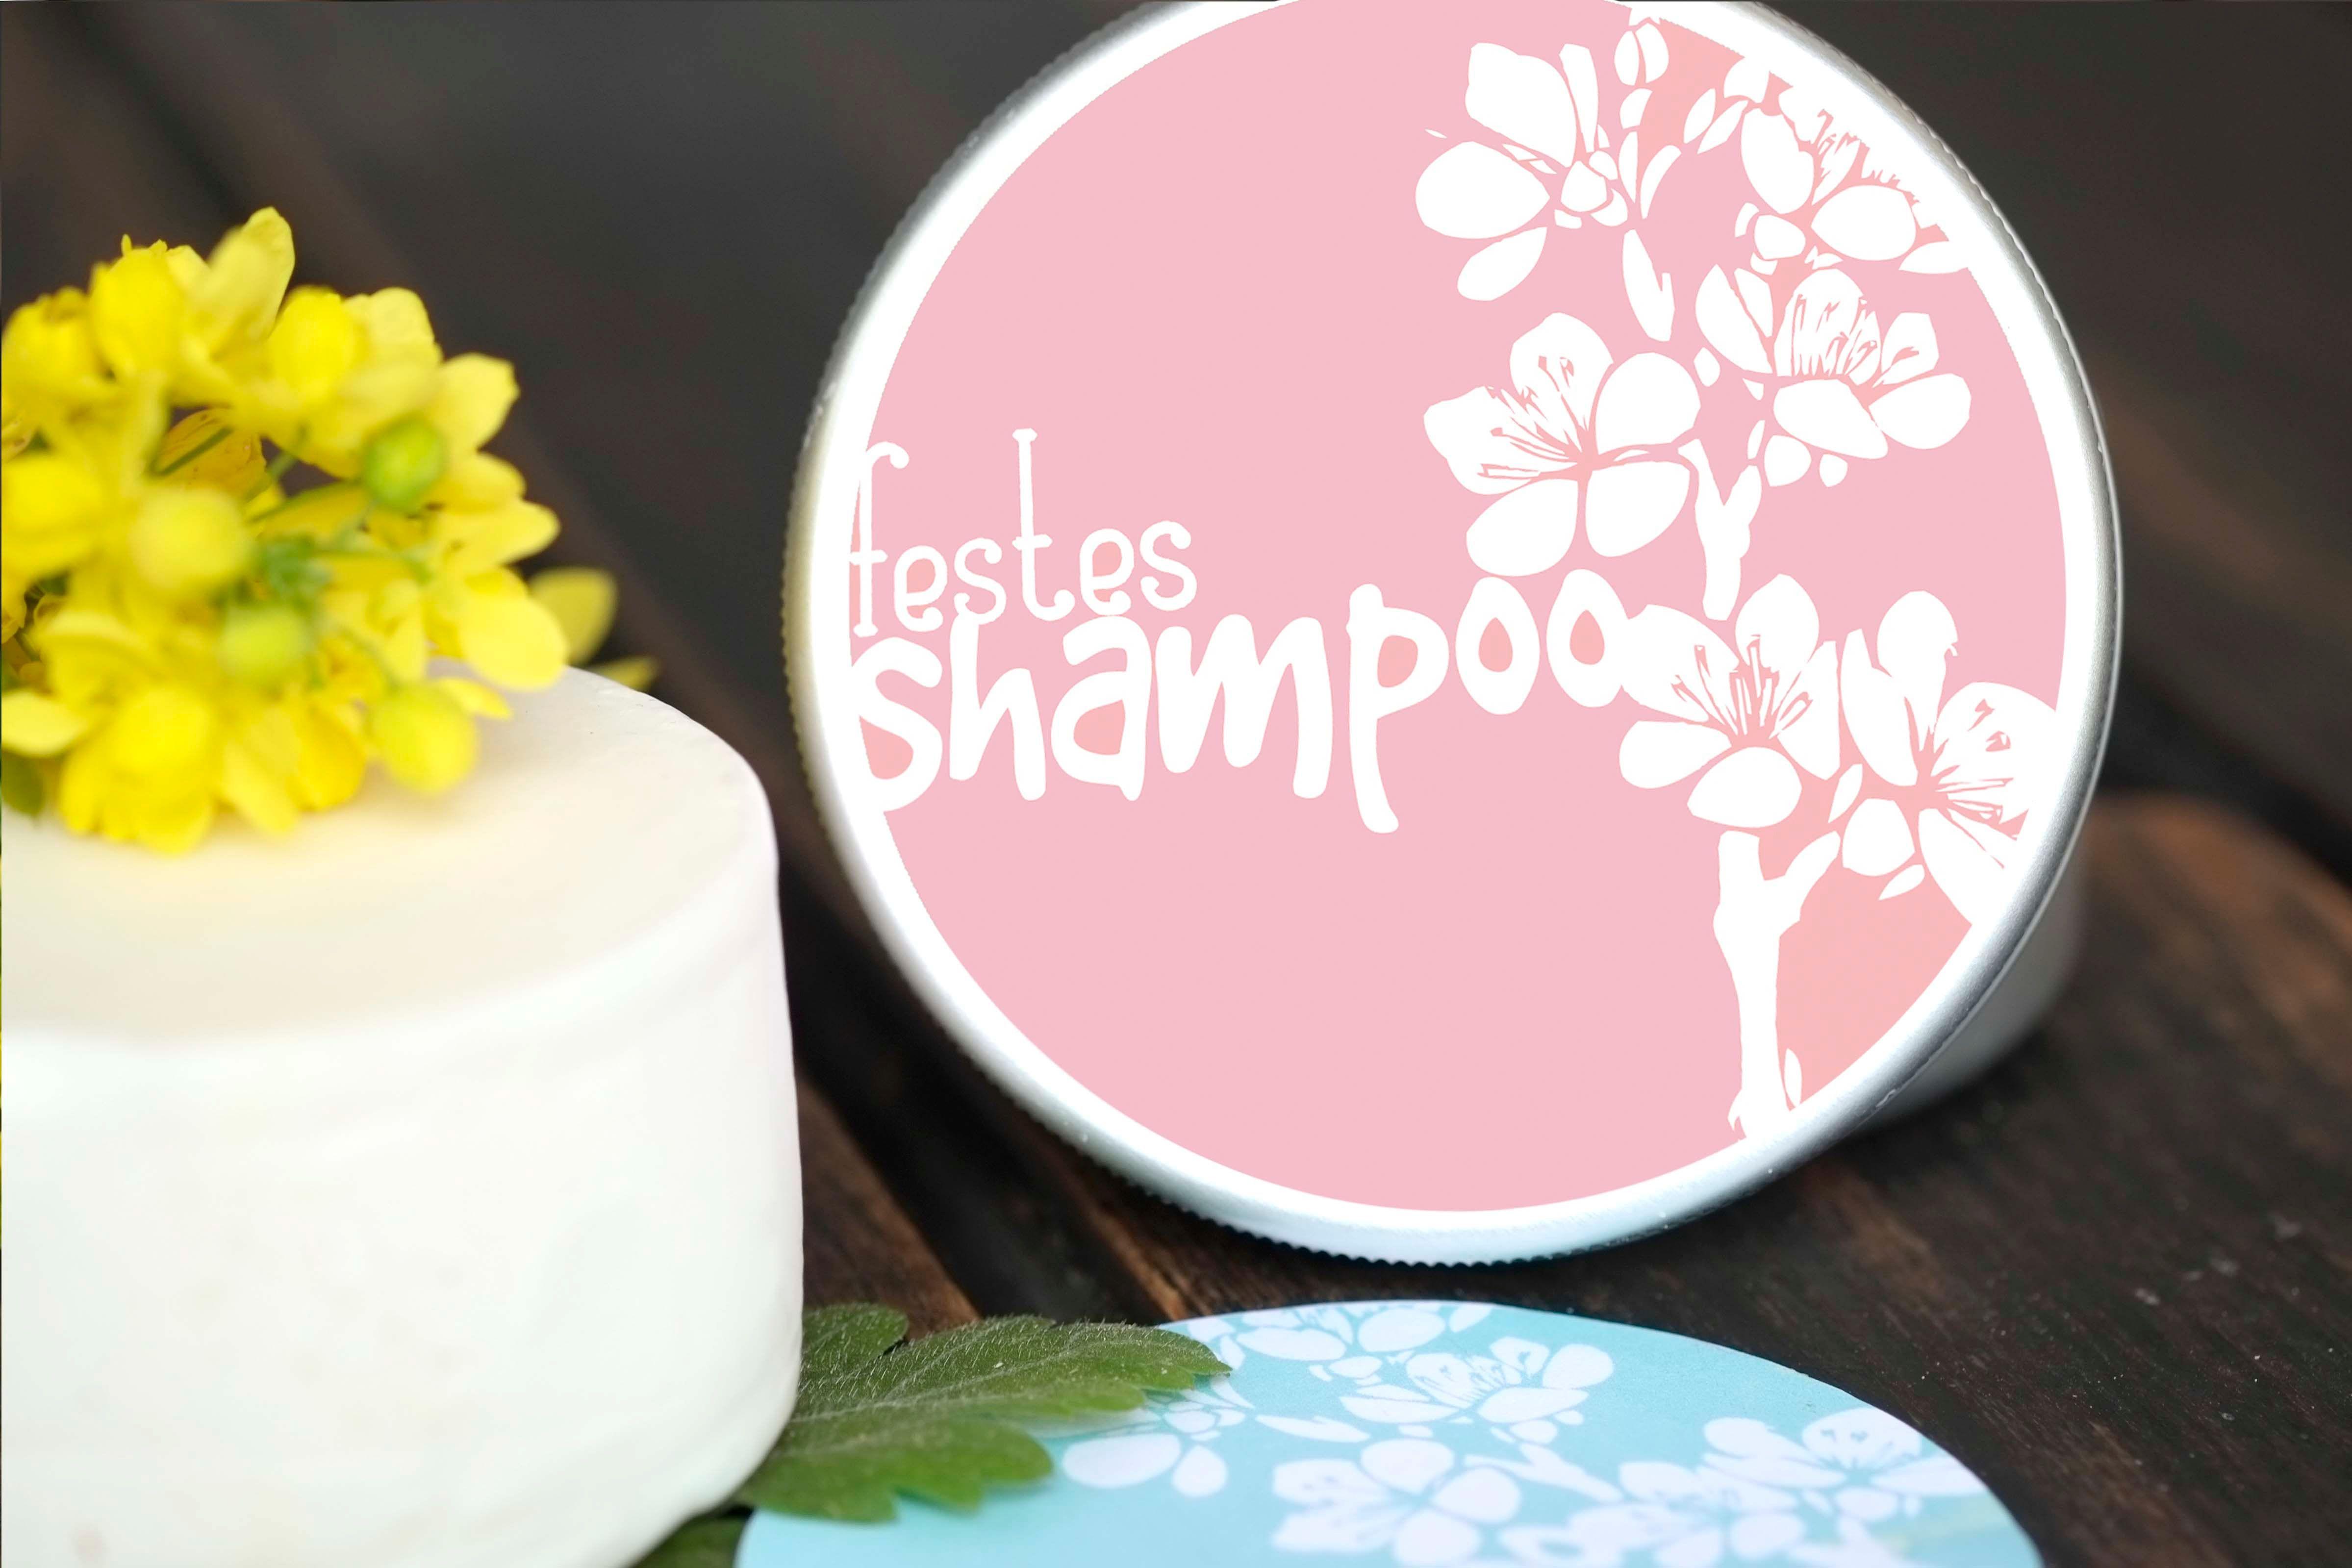 diy festes shampoo einfach selber machen naturseife und kosmetik selber machen. Black Bedroom Furniture Sets. Home Design Ideas